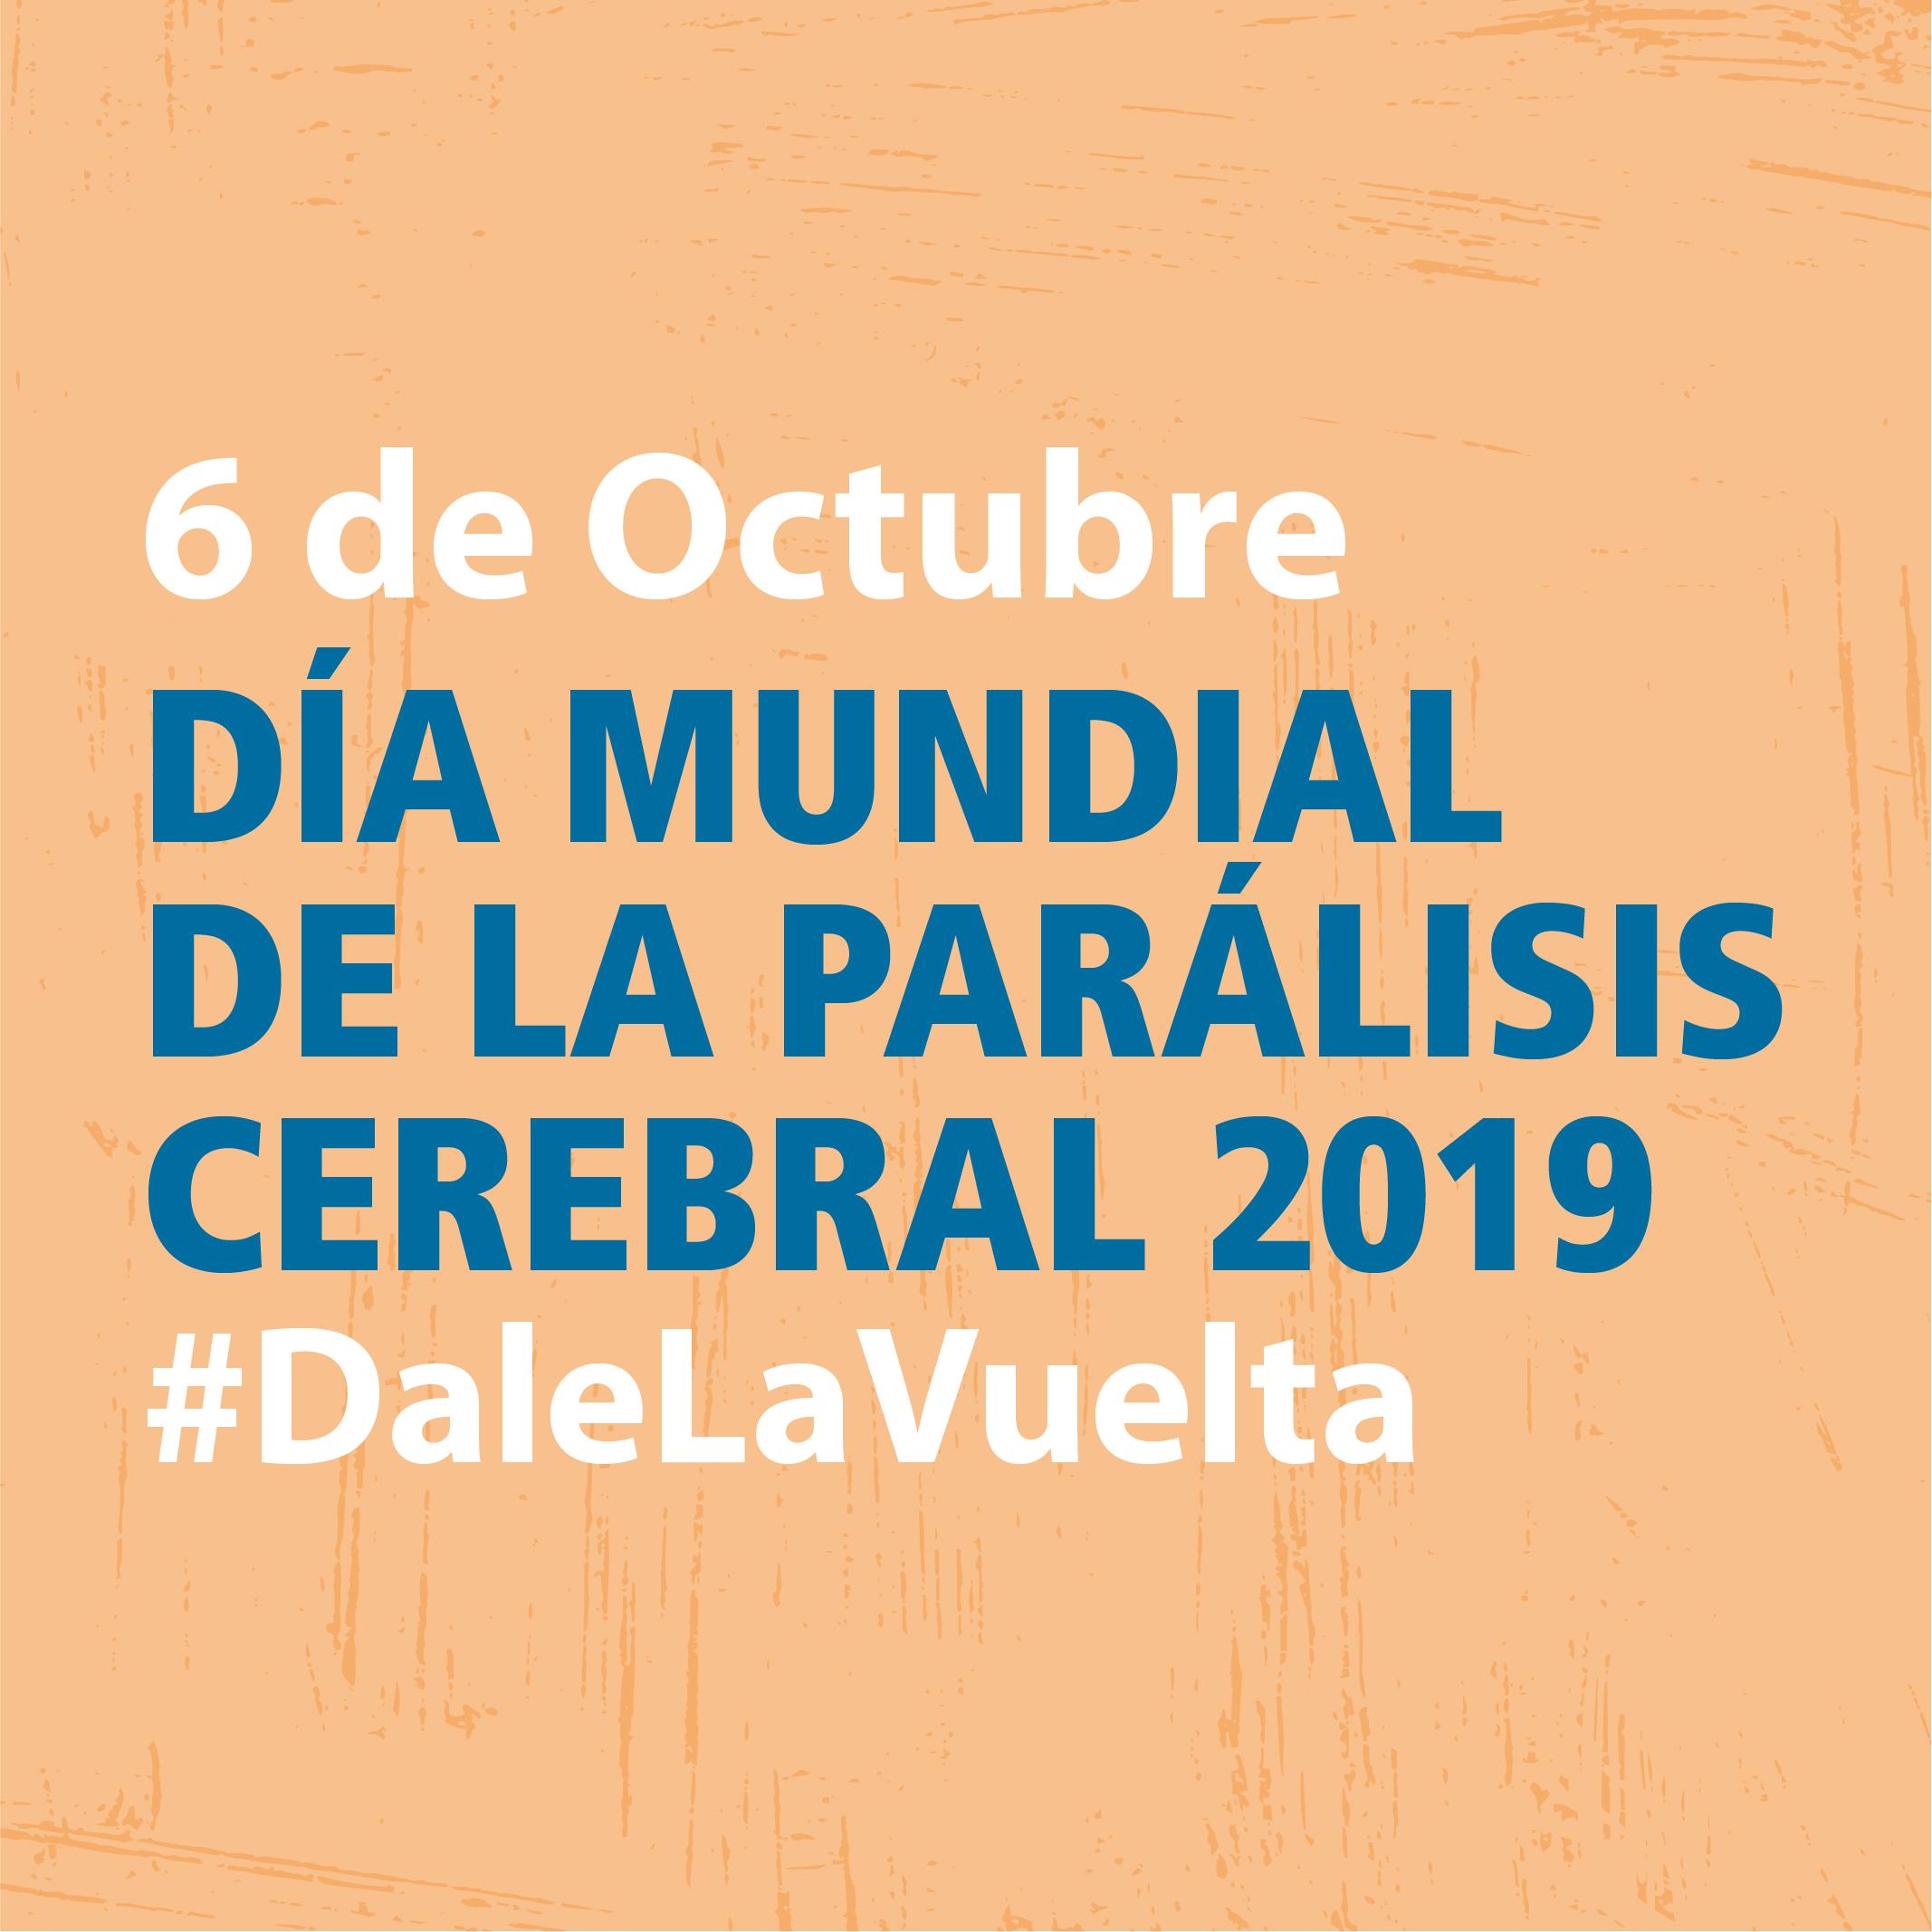 6 de octubre. Día Mundial de la Parálisis Cerebral.